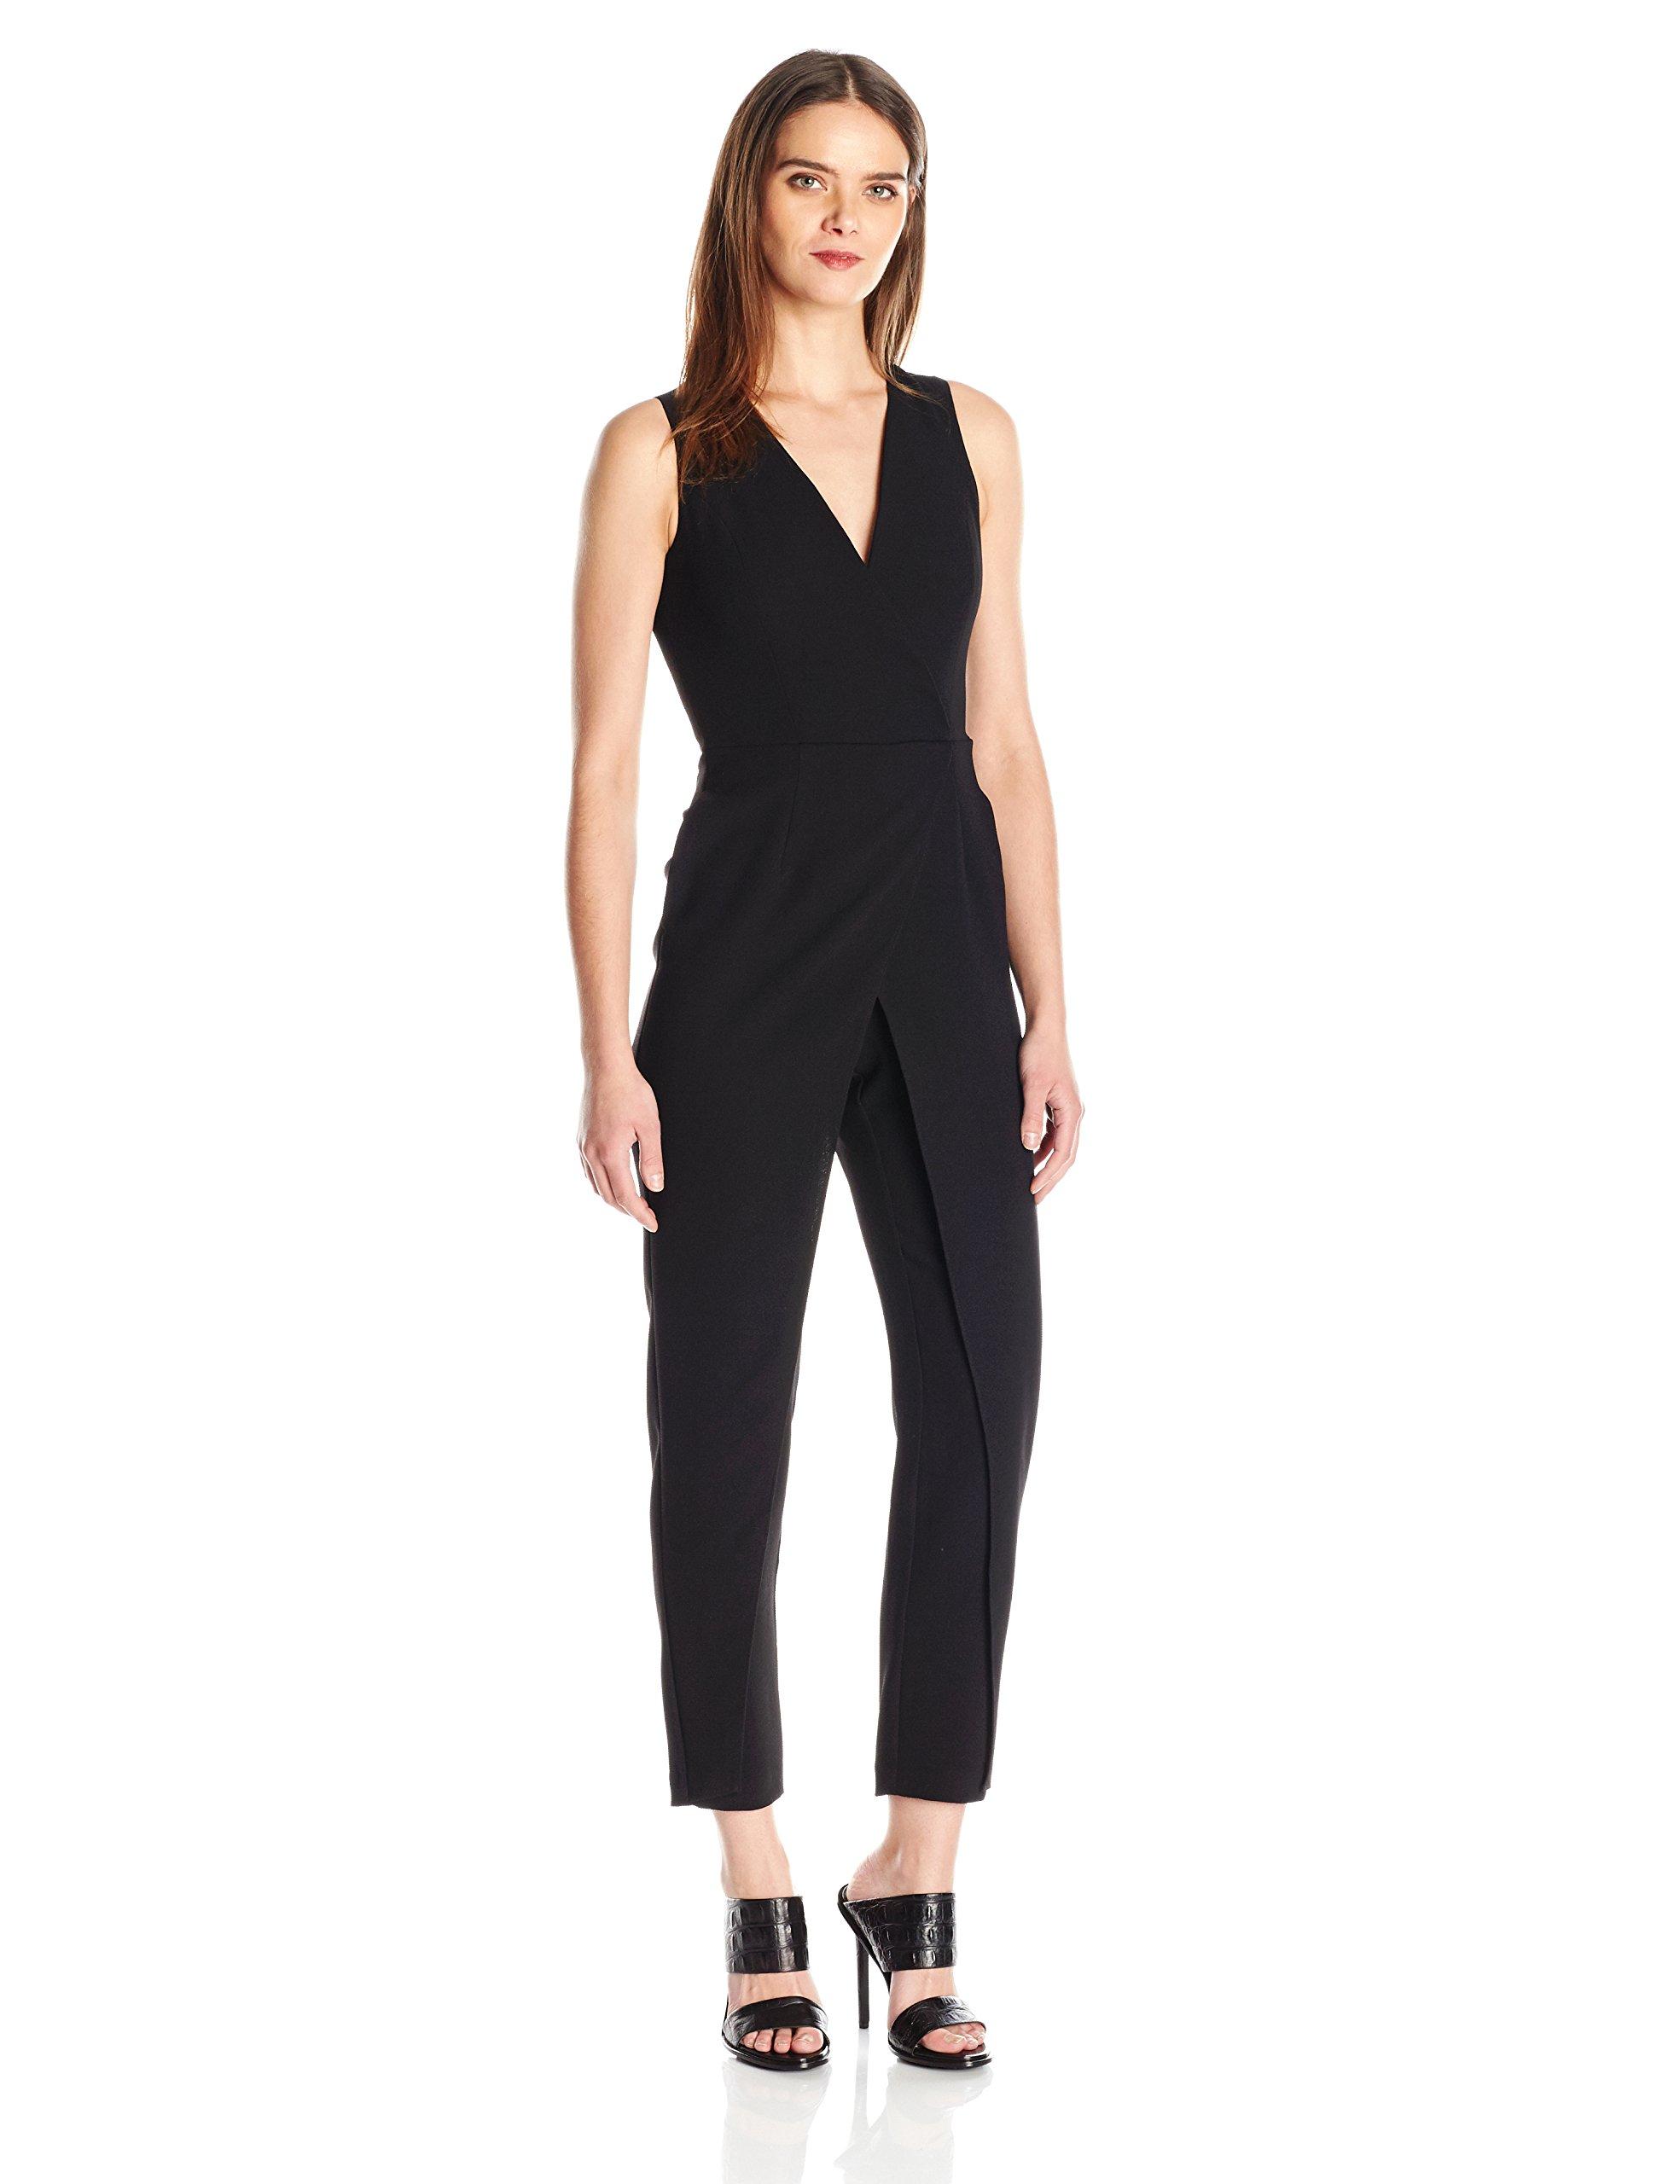 BCBGeneration Women's Vest Jumpsuit, Black, 2